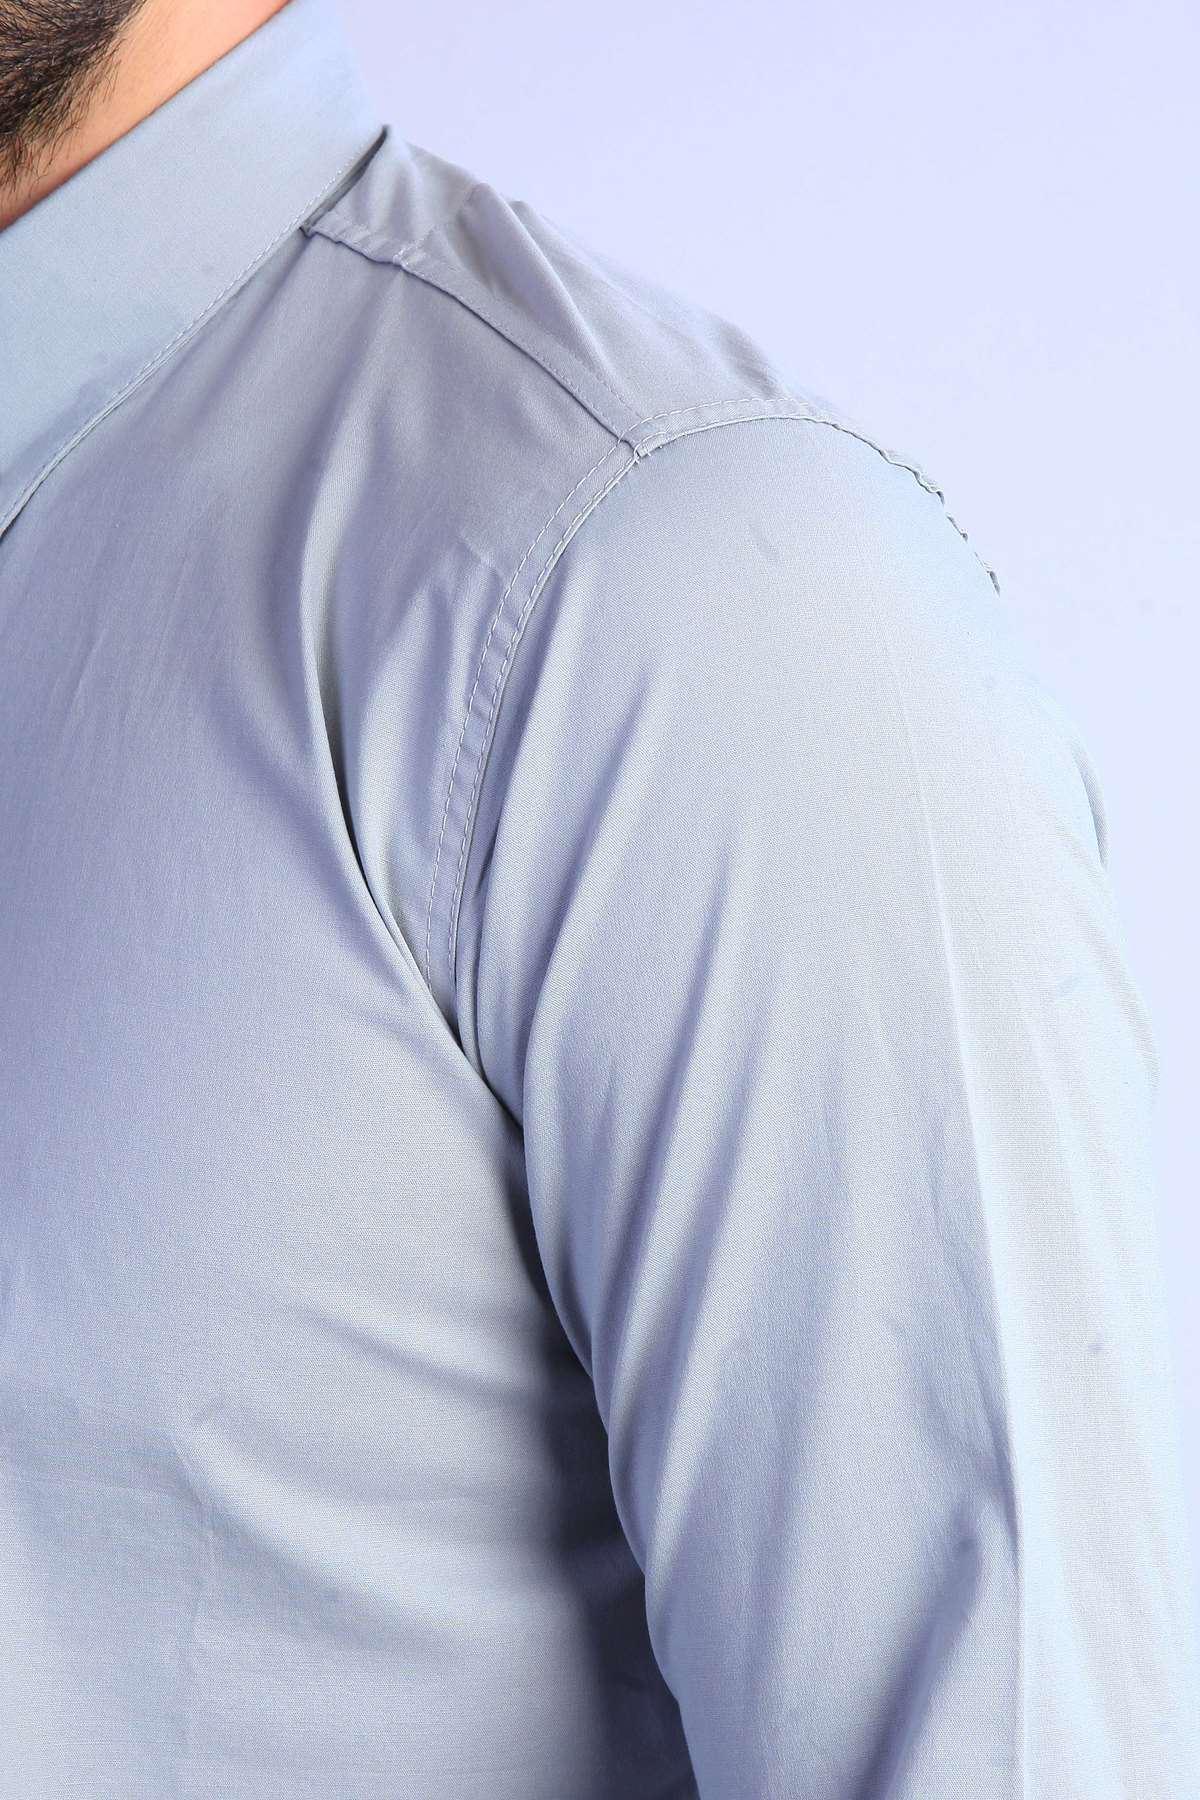 Yaka Zincirli Uzun Kol Slim Fit Gömlek Gri